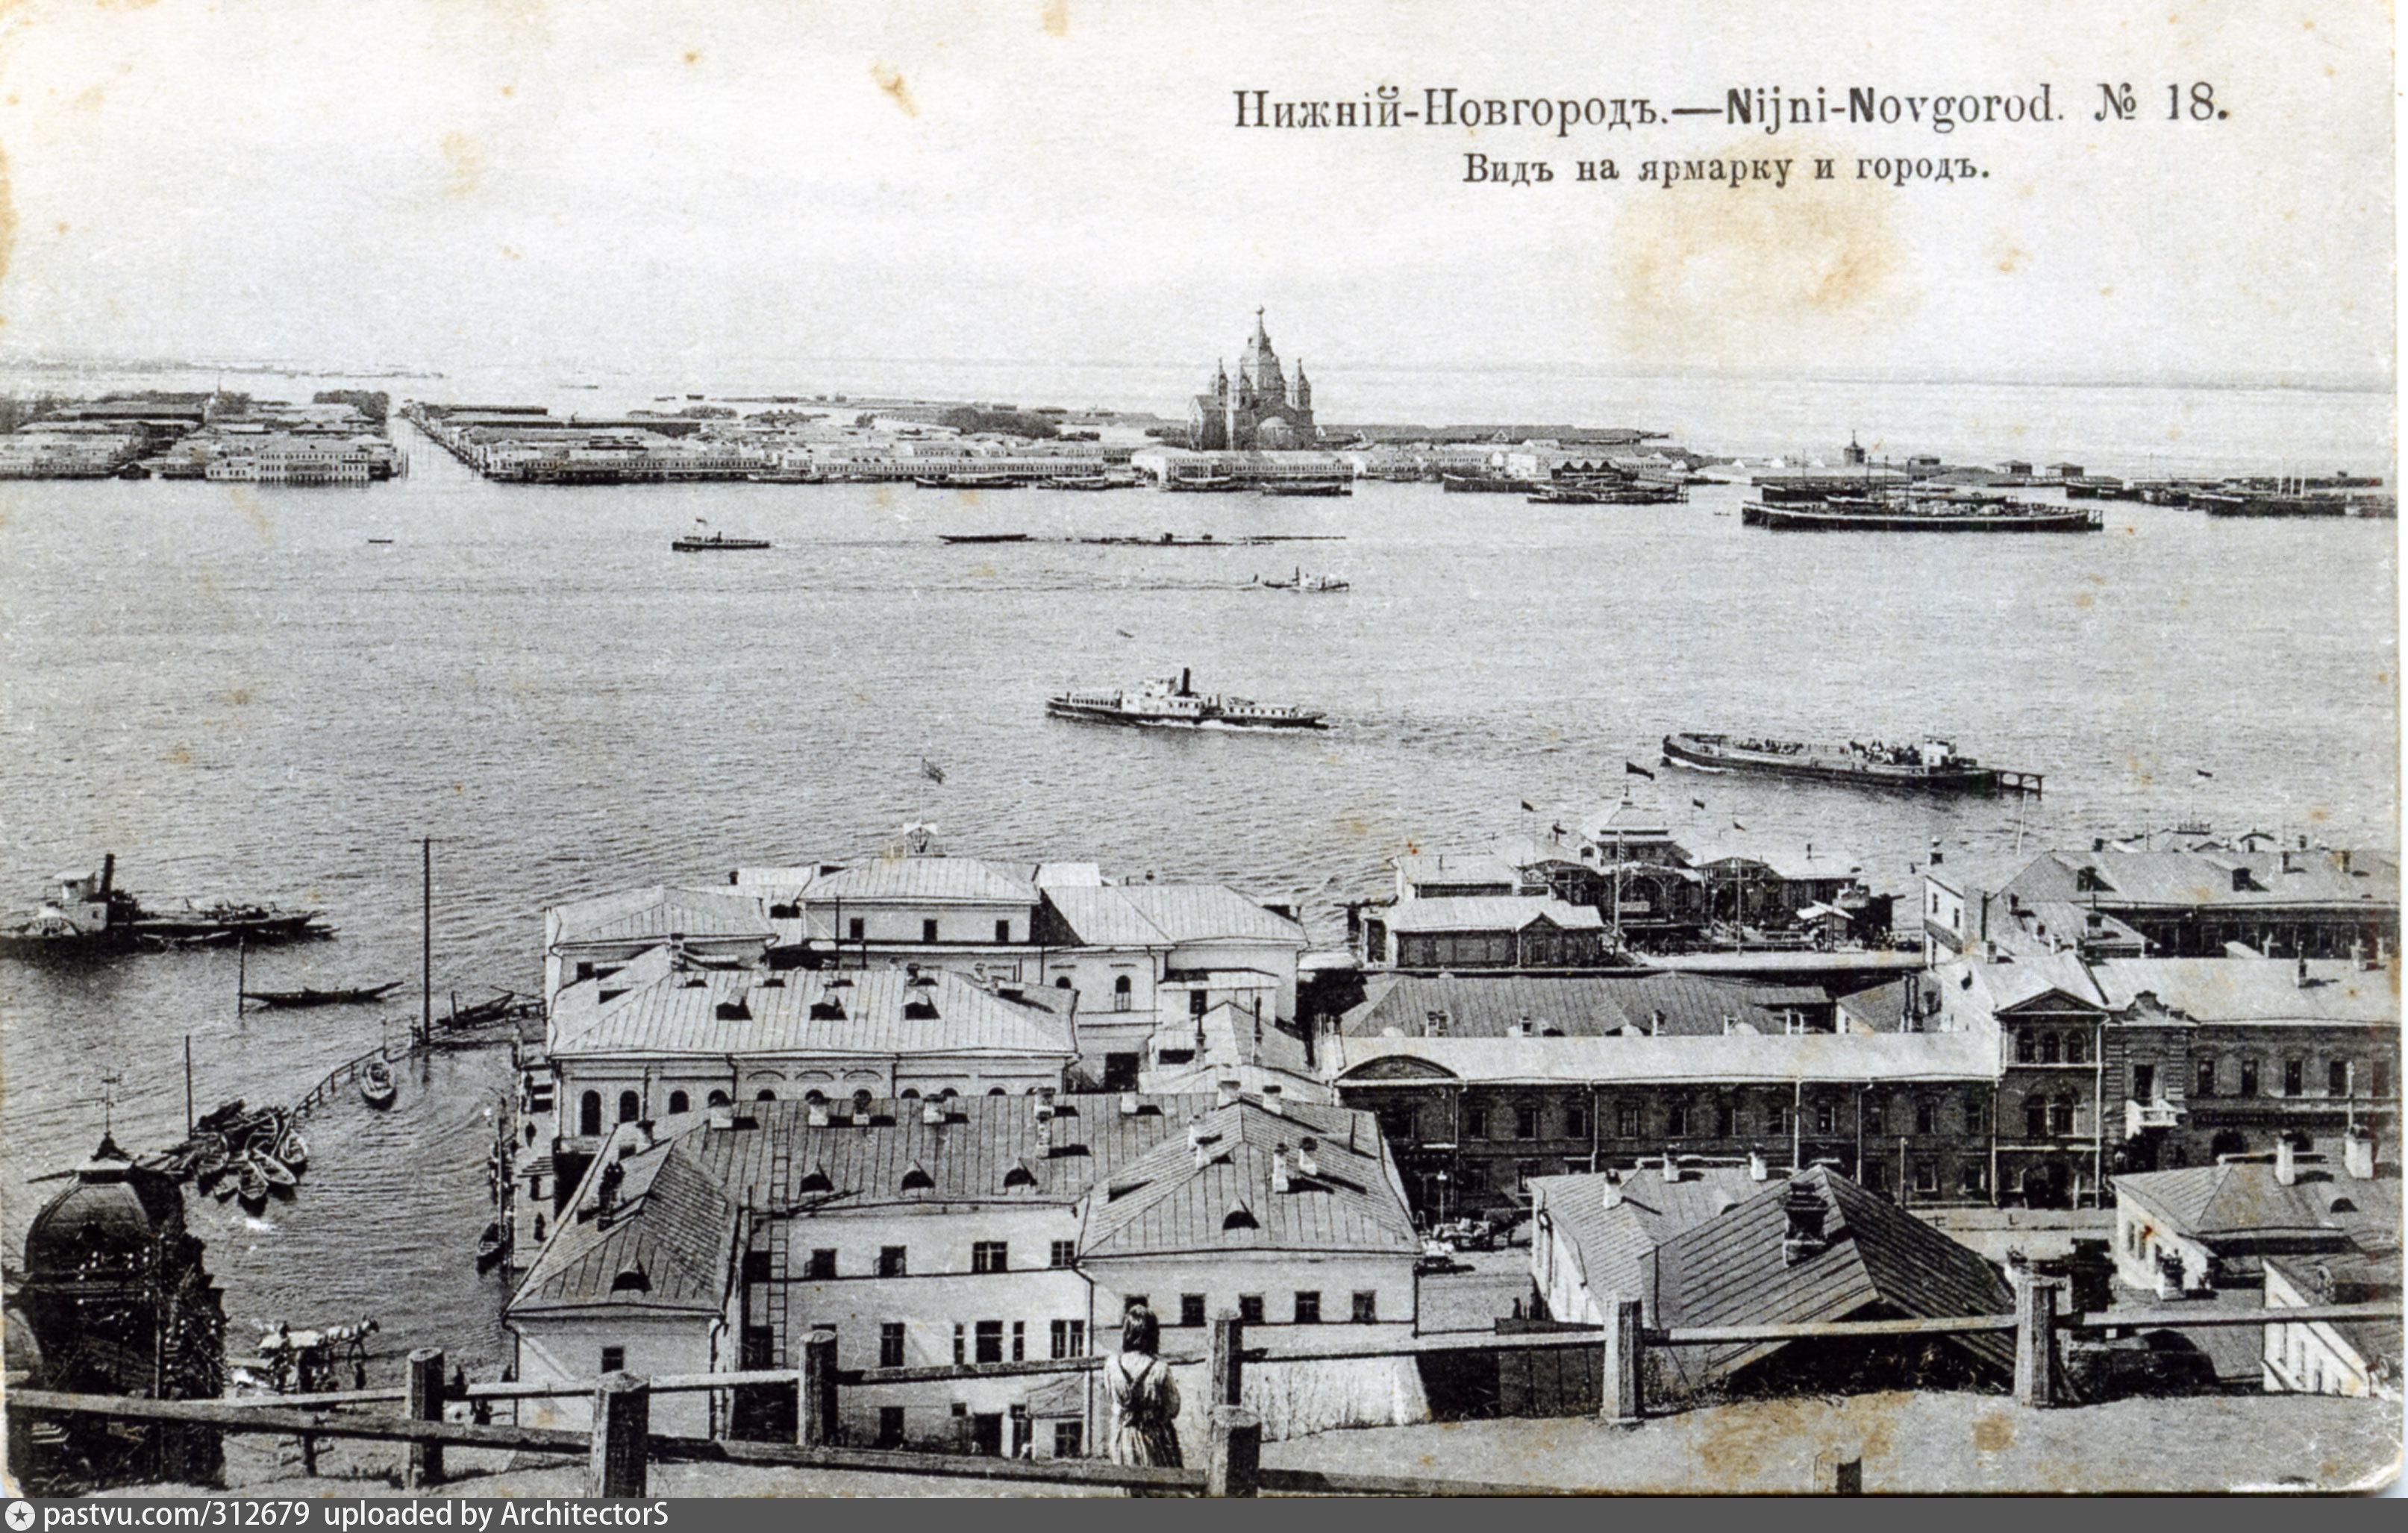 Нижний новгород в старой открытке